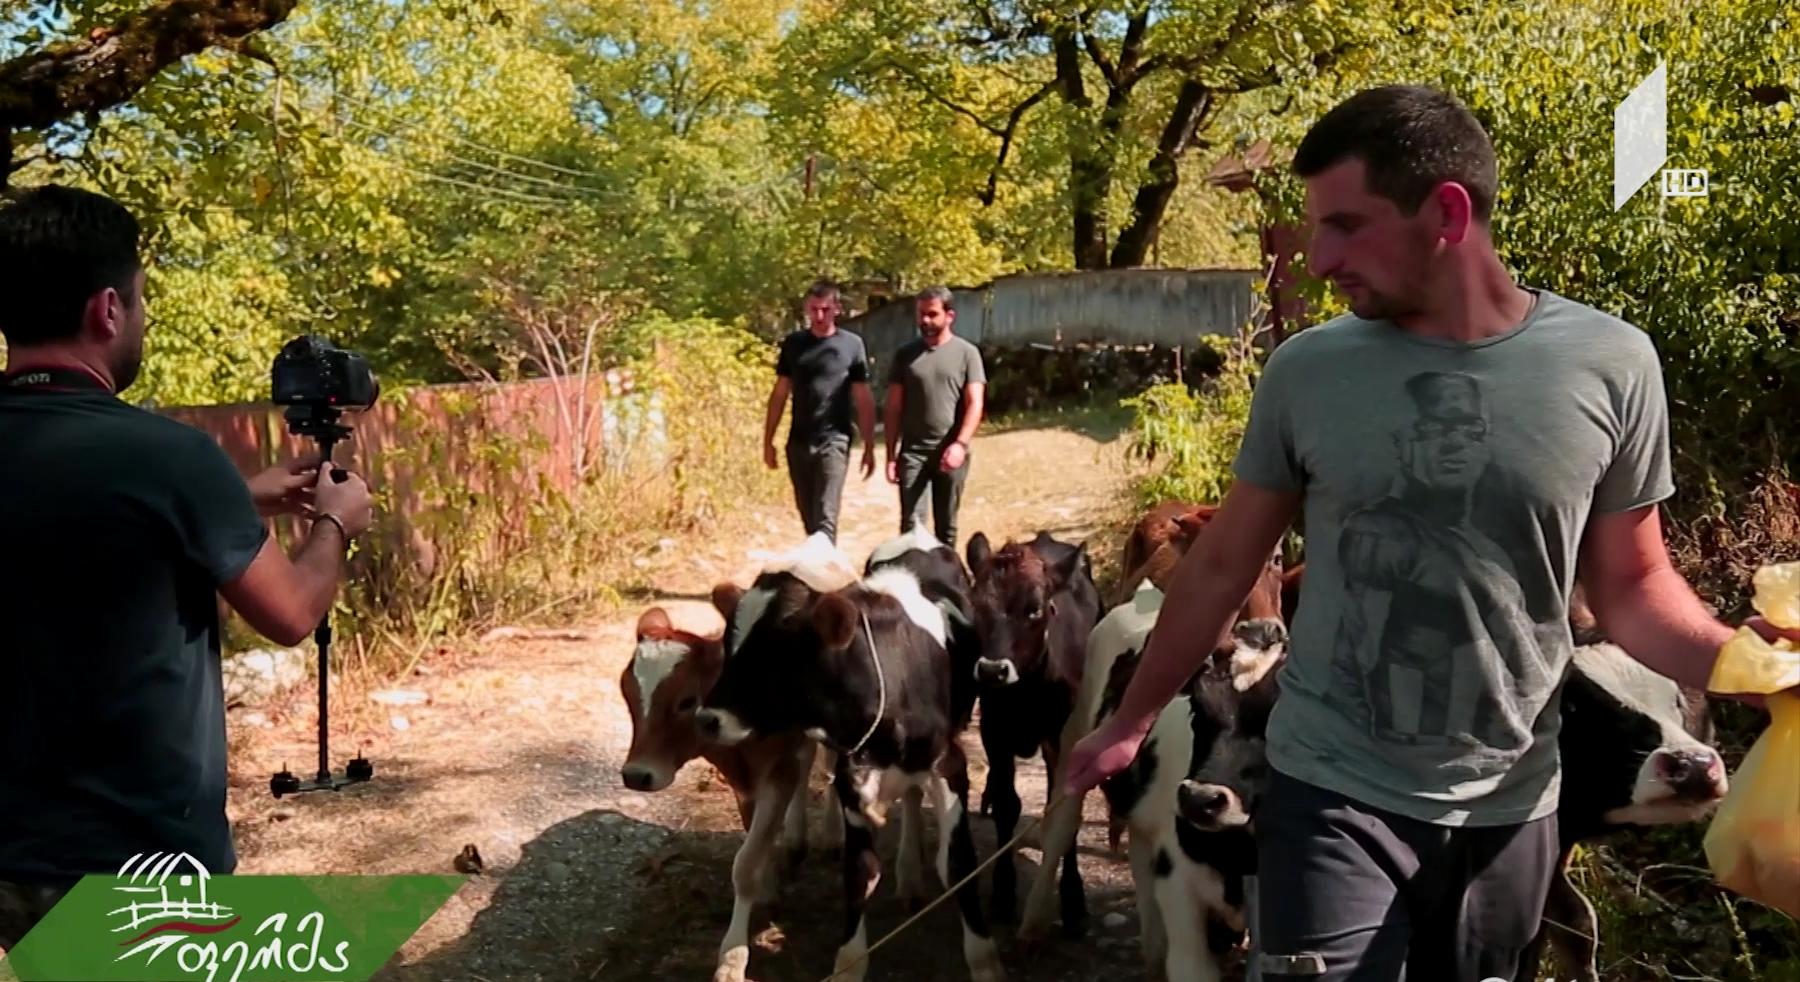 მაღალმთიანი რაჭის ახალი სიცოცხლე - მიტოვებულ სოფელში დაბრუნებული ტყუპი ძმების ამბავი/ ახალი რუბრიკები და აგროგმირები #ფერმაში